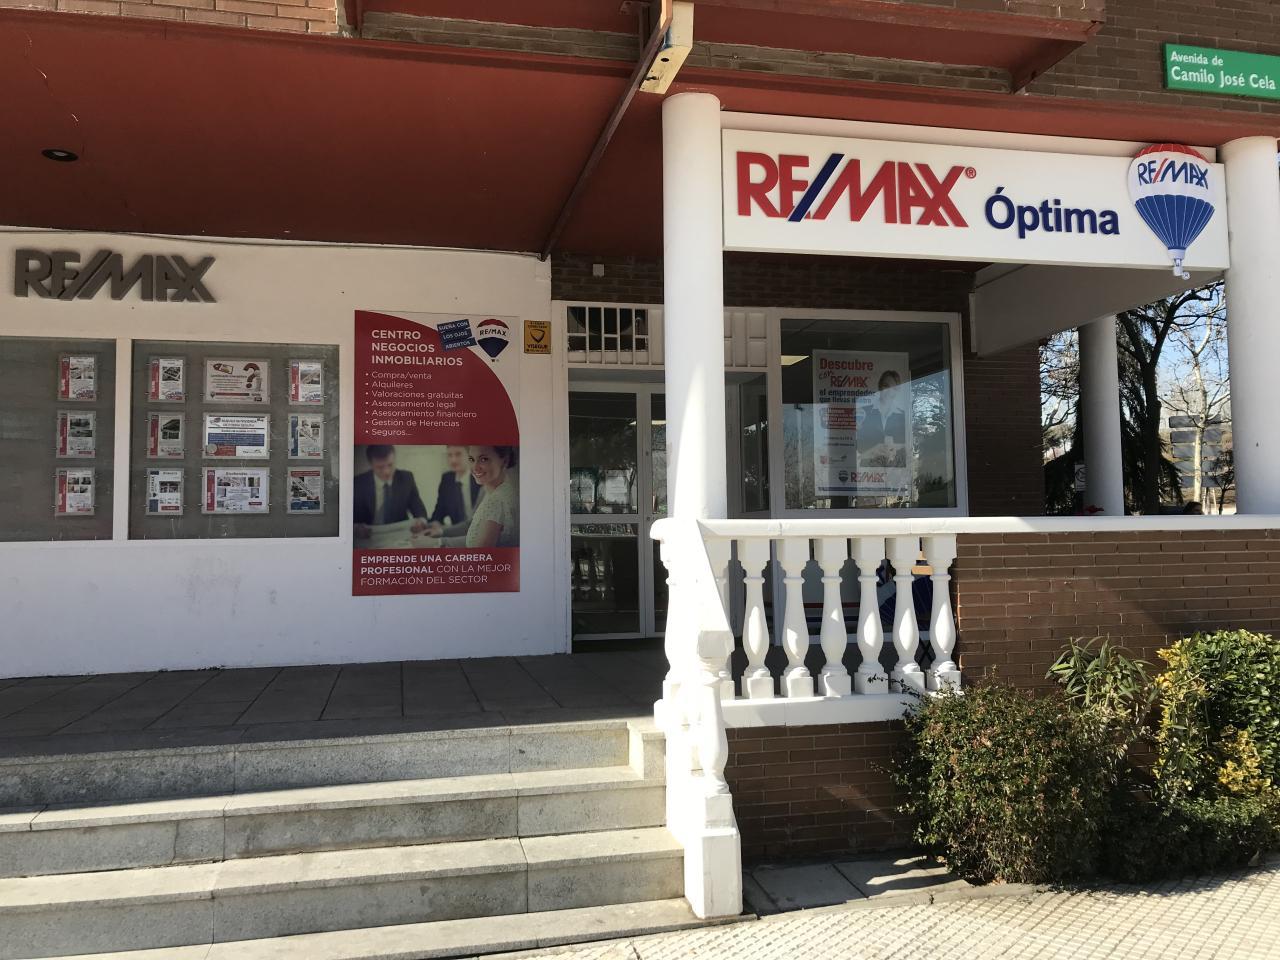 RE/MAX Optima